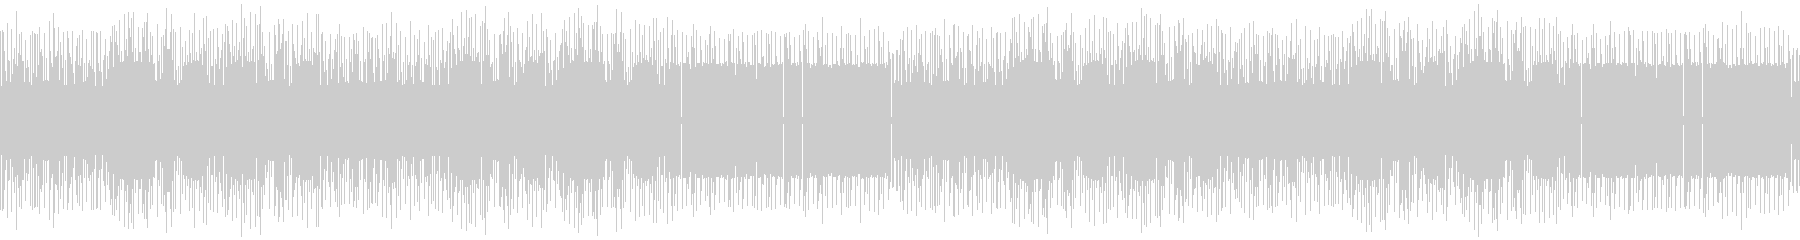 陽気なゲーム音楽のジャズブルース:ループの未再生の波形